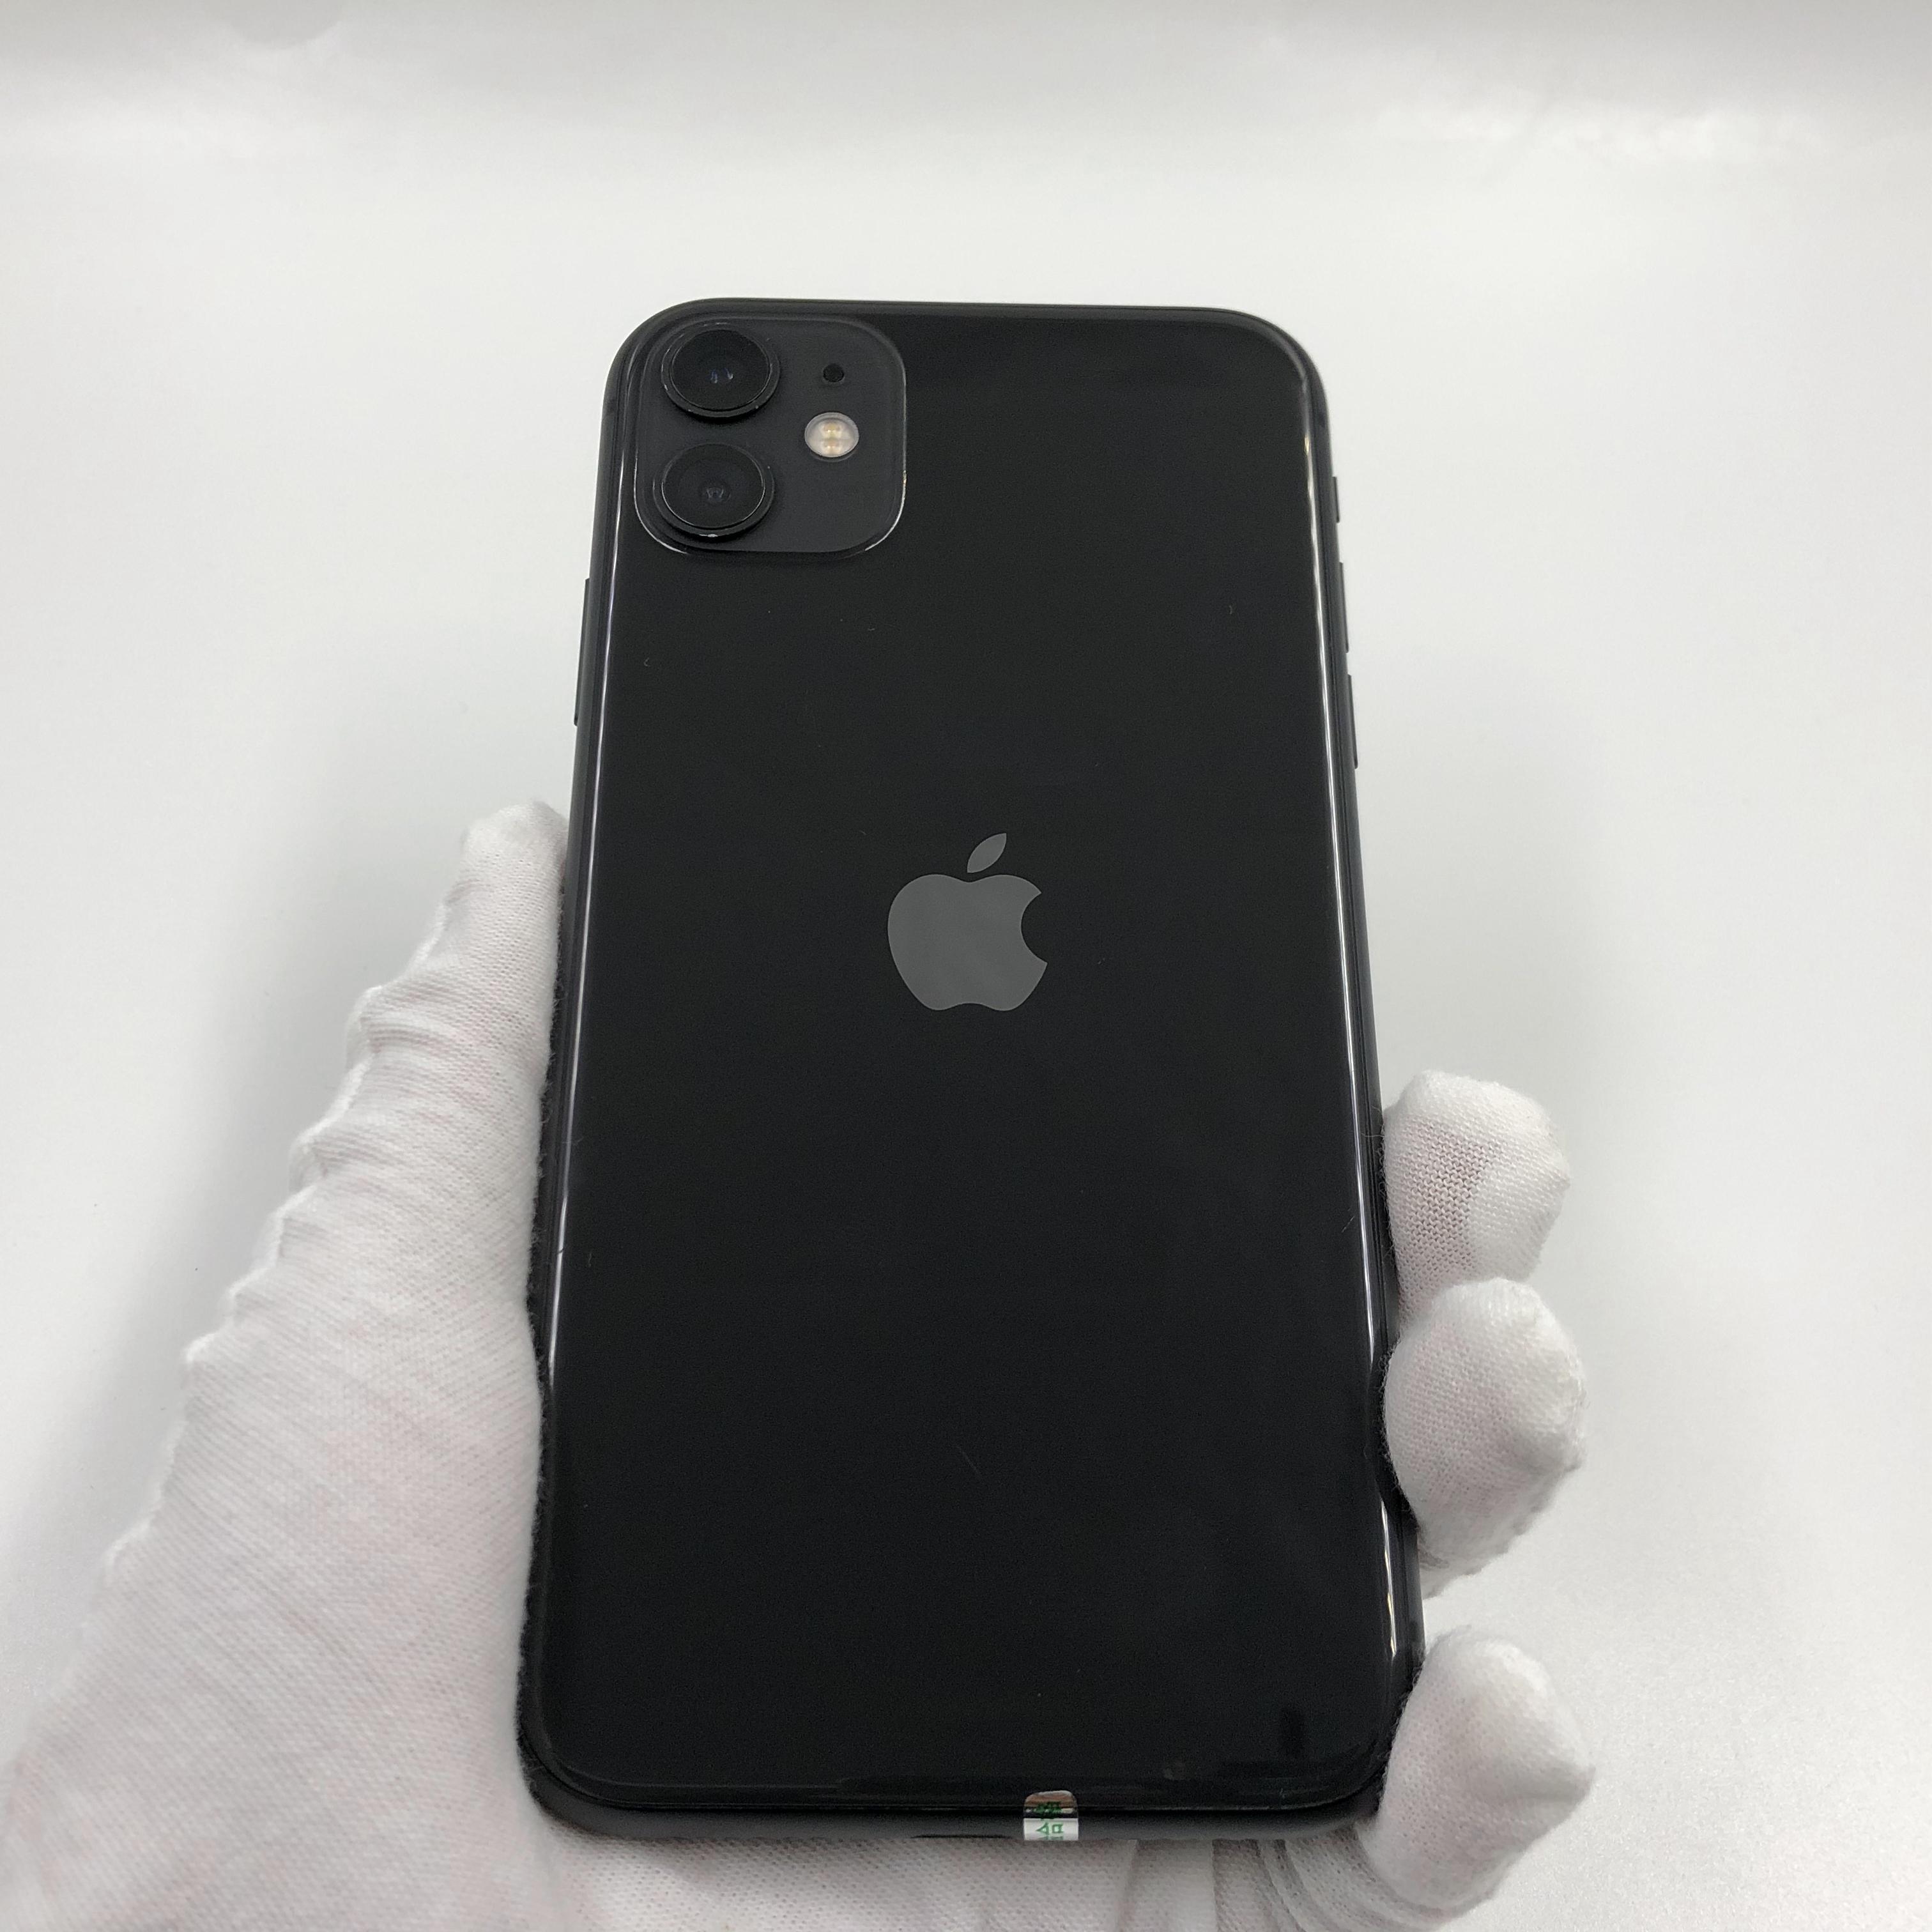 苹果【iPhone 11】4G全网通 黑色 64G 国行 8成新 真机实拍保修2021-07-21